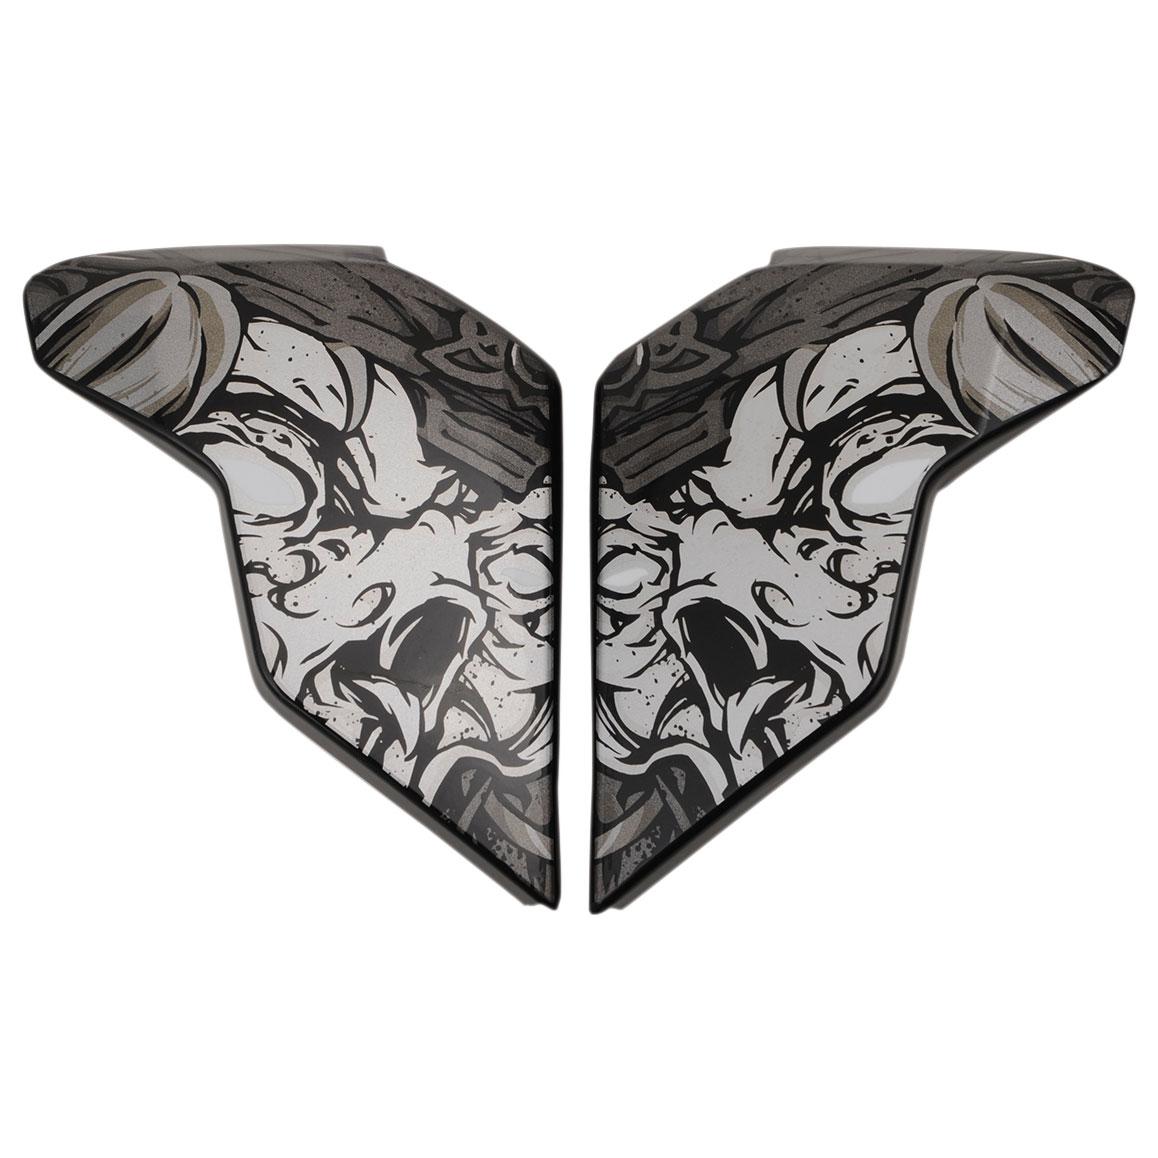 ICON Airflite Krom Black Sideplate